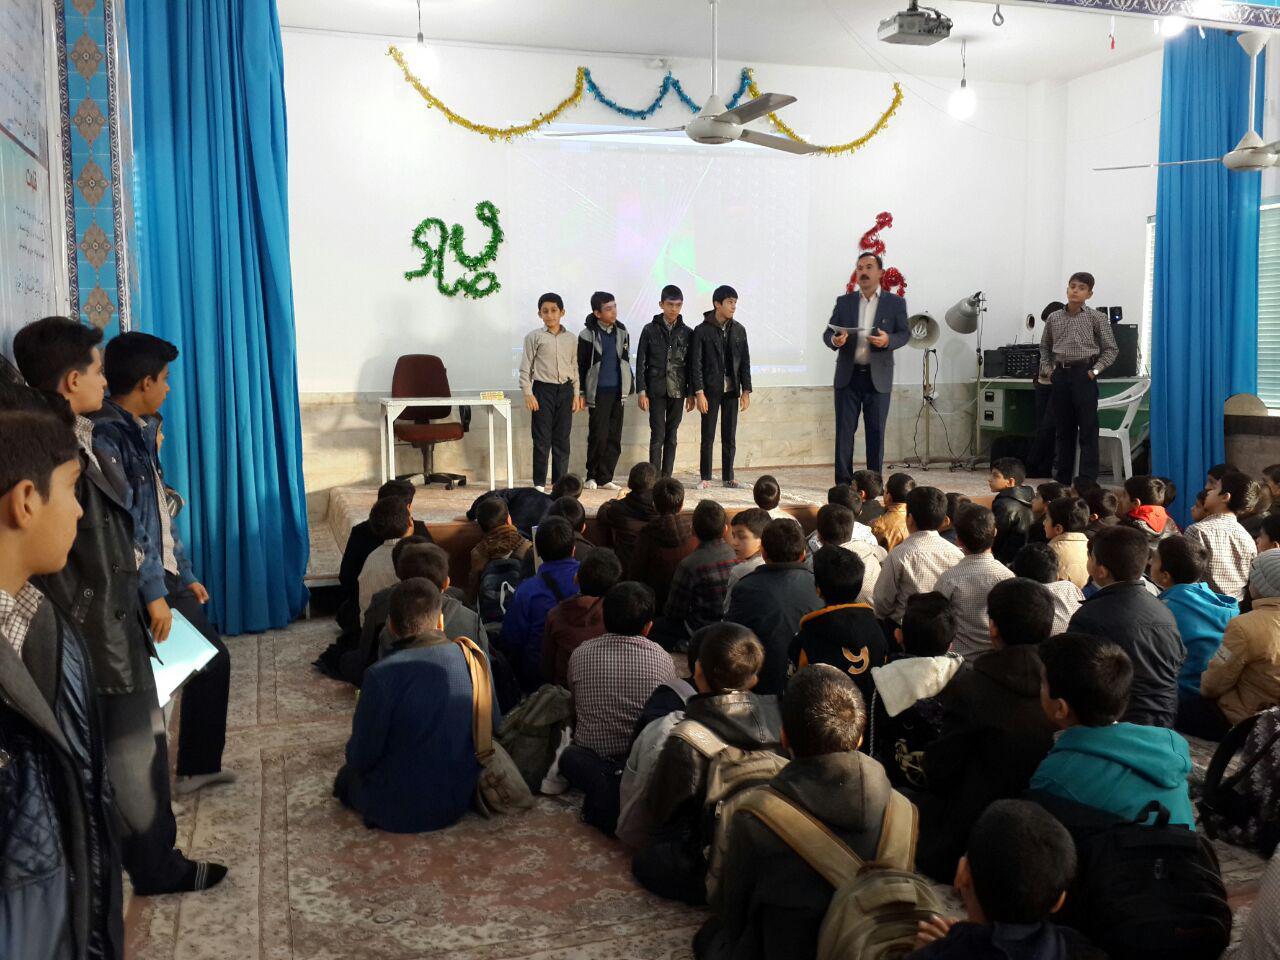 تقدیر از گروه برتر کلاس شهید احمدی روشن